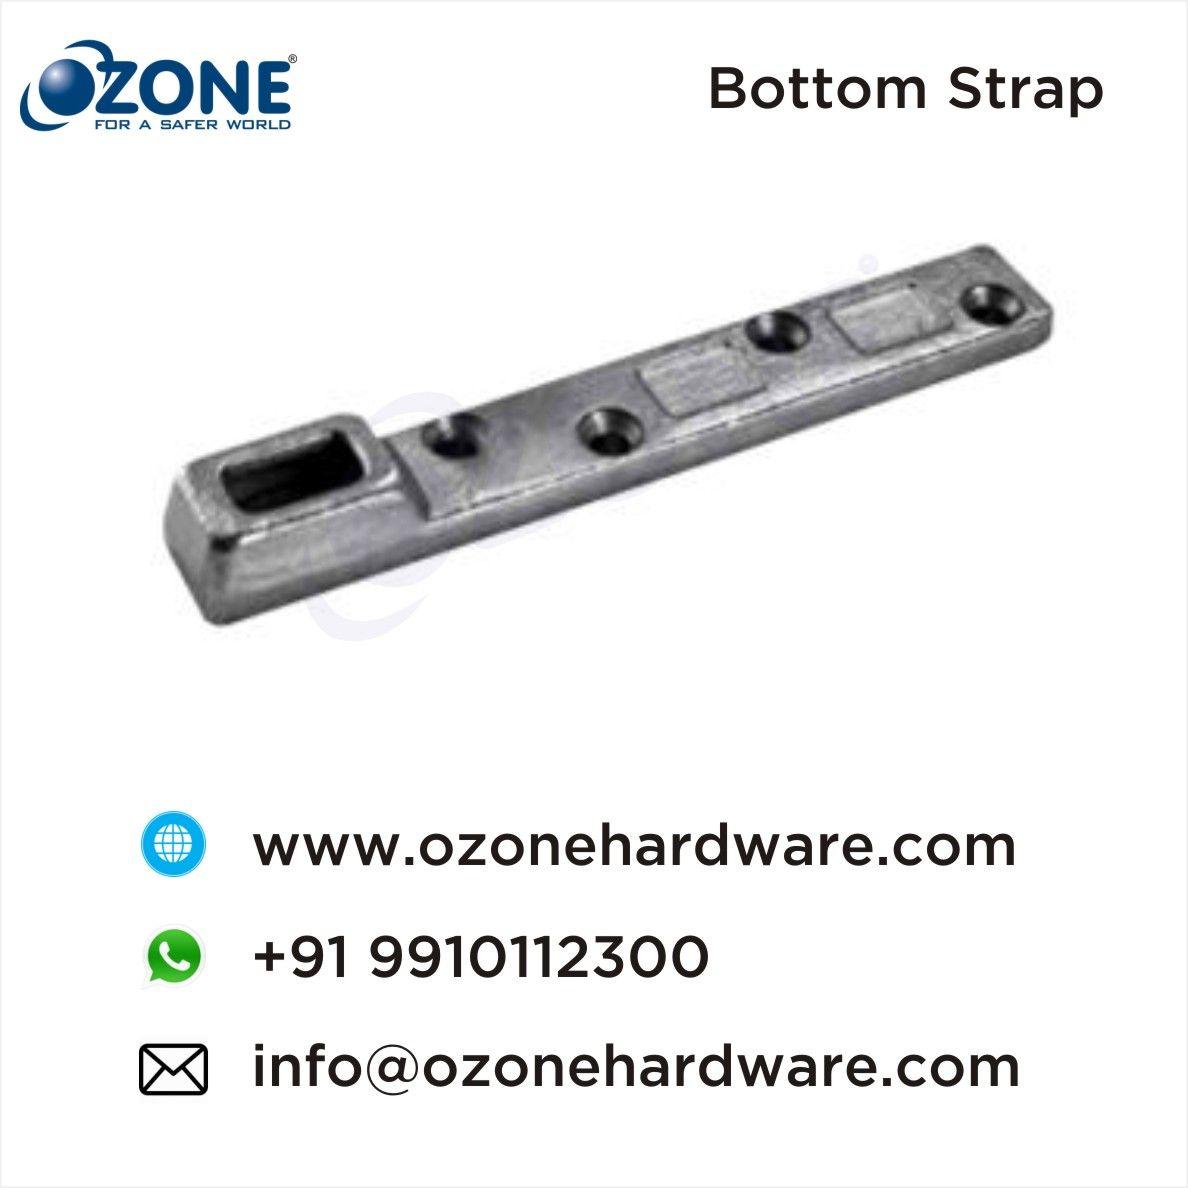 Bottom Strap Floorspring For Doors Doorcontrol Devices Door Accessories Architectural Door Fittings Hardware Door Floorsprin Bp Power Strap